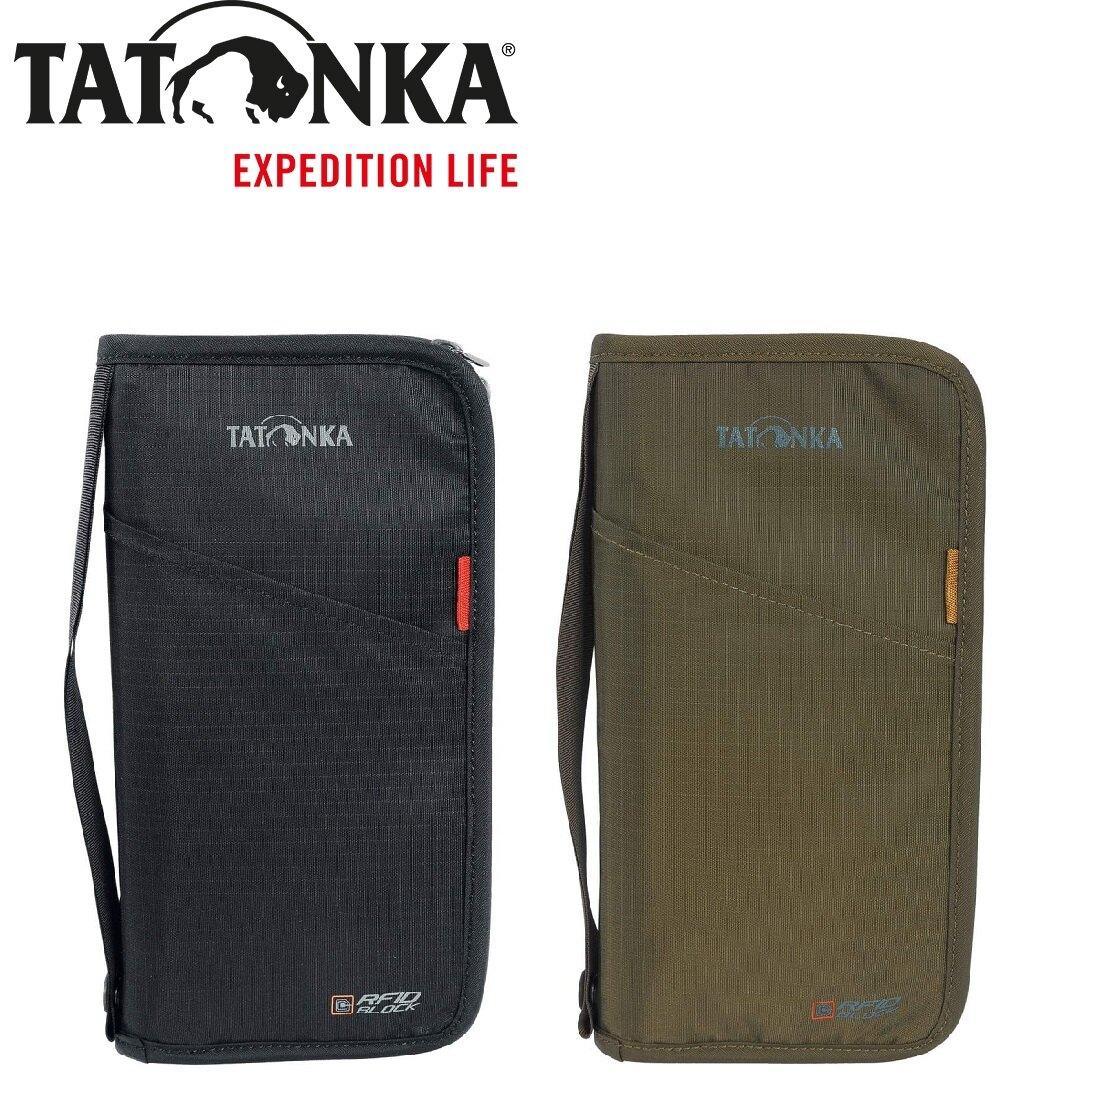 [ TATONKA ] 防REID 證件拉鍊錢包 黑 橄欖綠 / 皮夾 長夾 / 公司貨 TTK2957